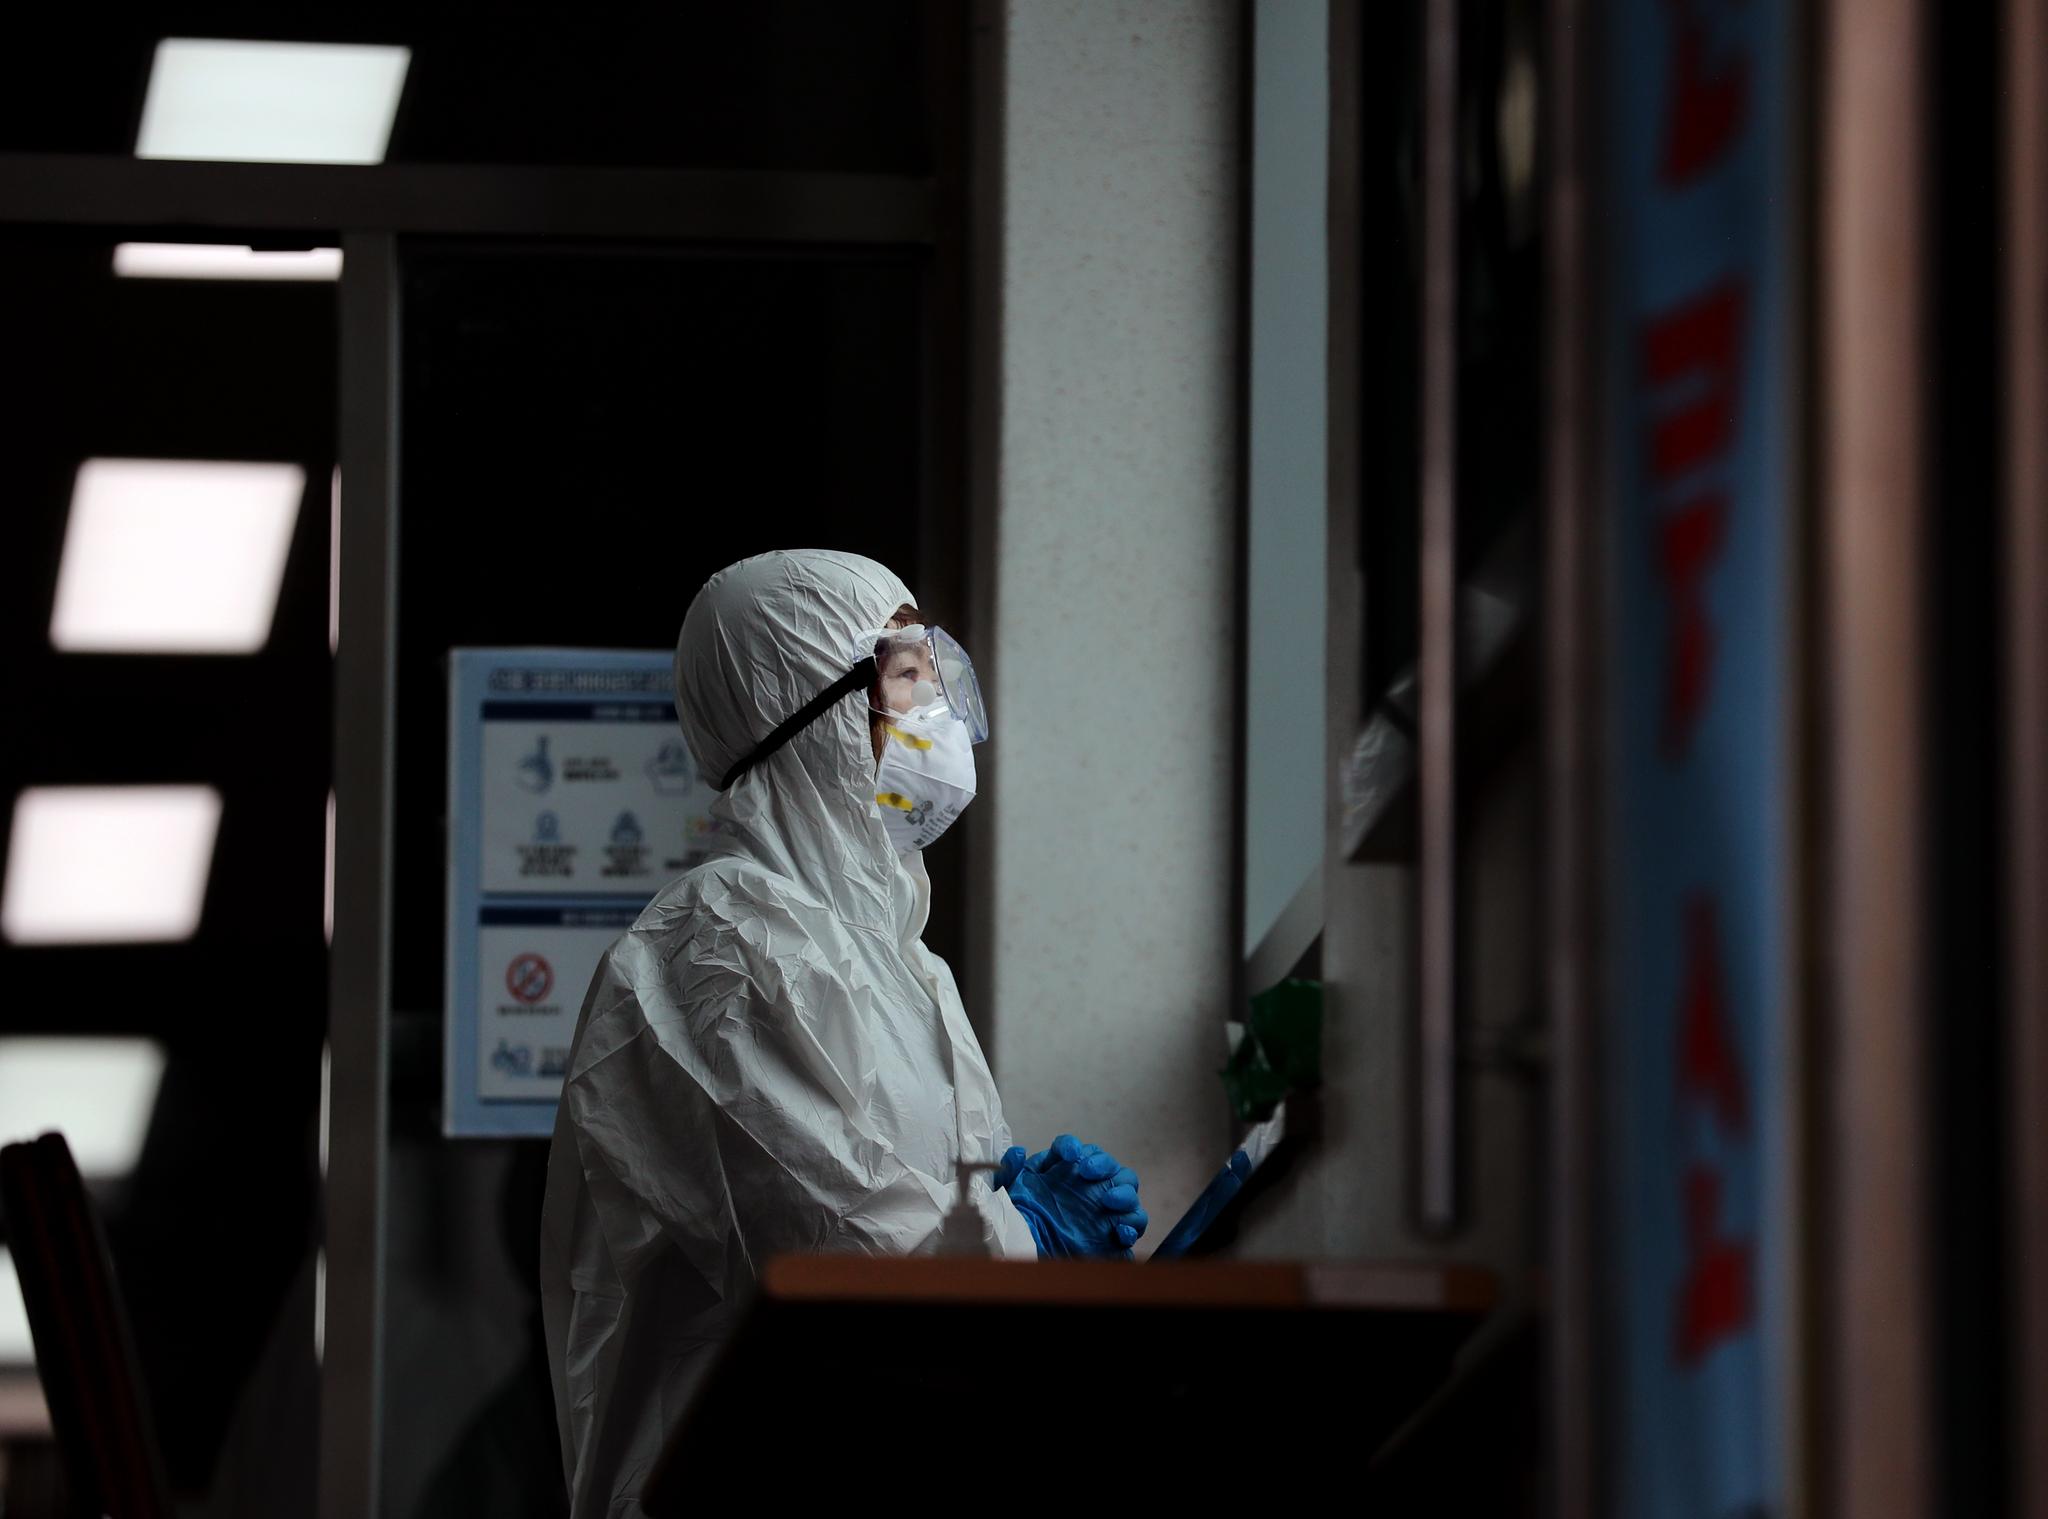 26일 오전 부산 동래구보건소 선별진료소에서 보건소 관계자가 코로나19 의심 환자가 잠시 없는 사이 창밖을 바라보며 두 손을 모으고 있다. [연합뉴스]